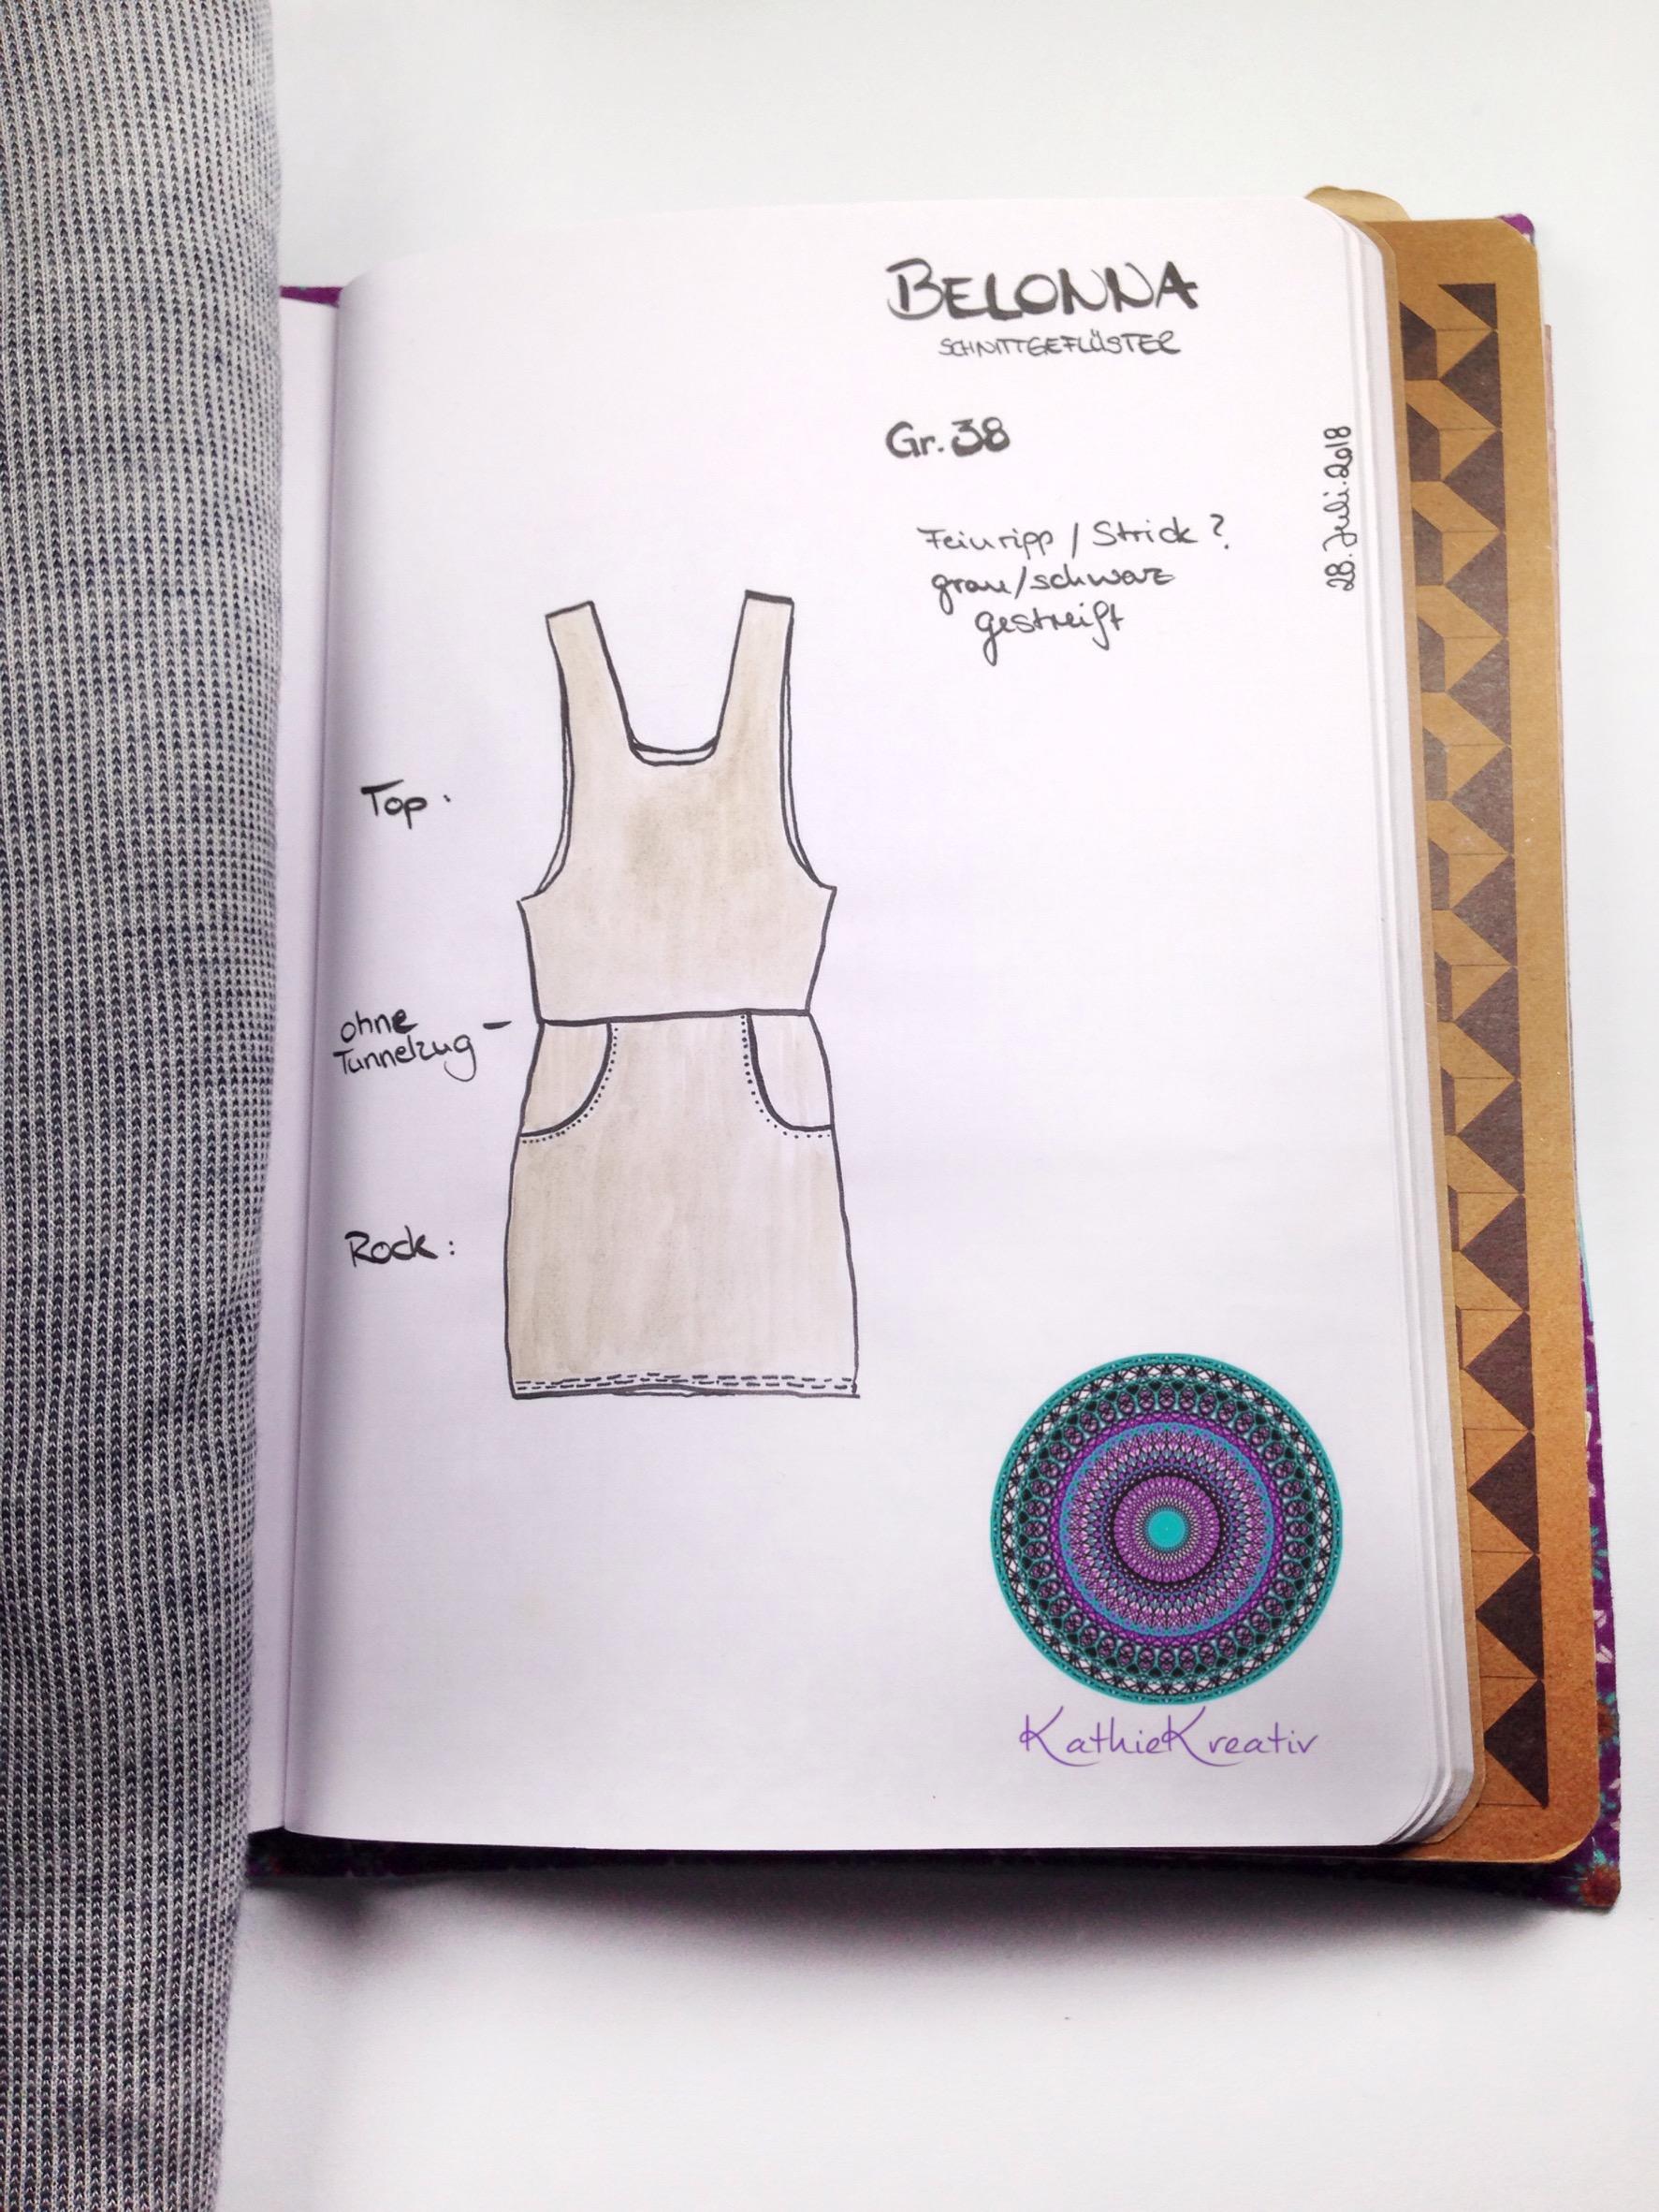 NähBuJo : Latzkleid Belonna aus Feinstrick nähen • KathieKreativ • Nähen für Anfänger